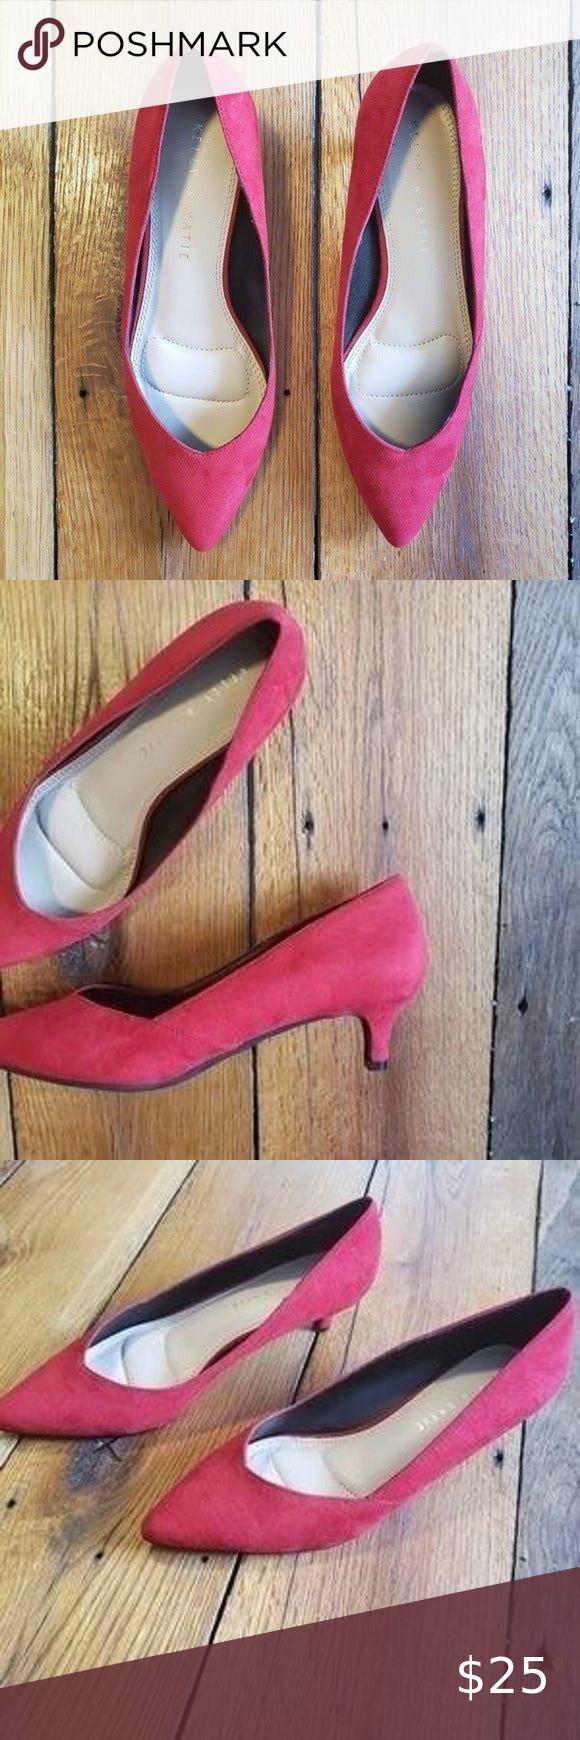 Nwot Kelly Katie Elannah Kitten Heel In 2020 Kelly Katie Shoes Women Heels Kitten Heels